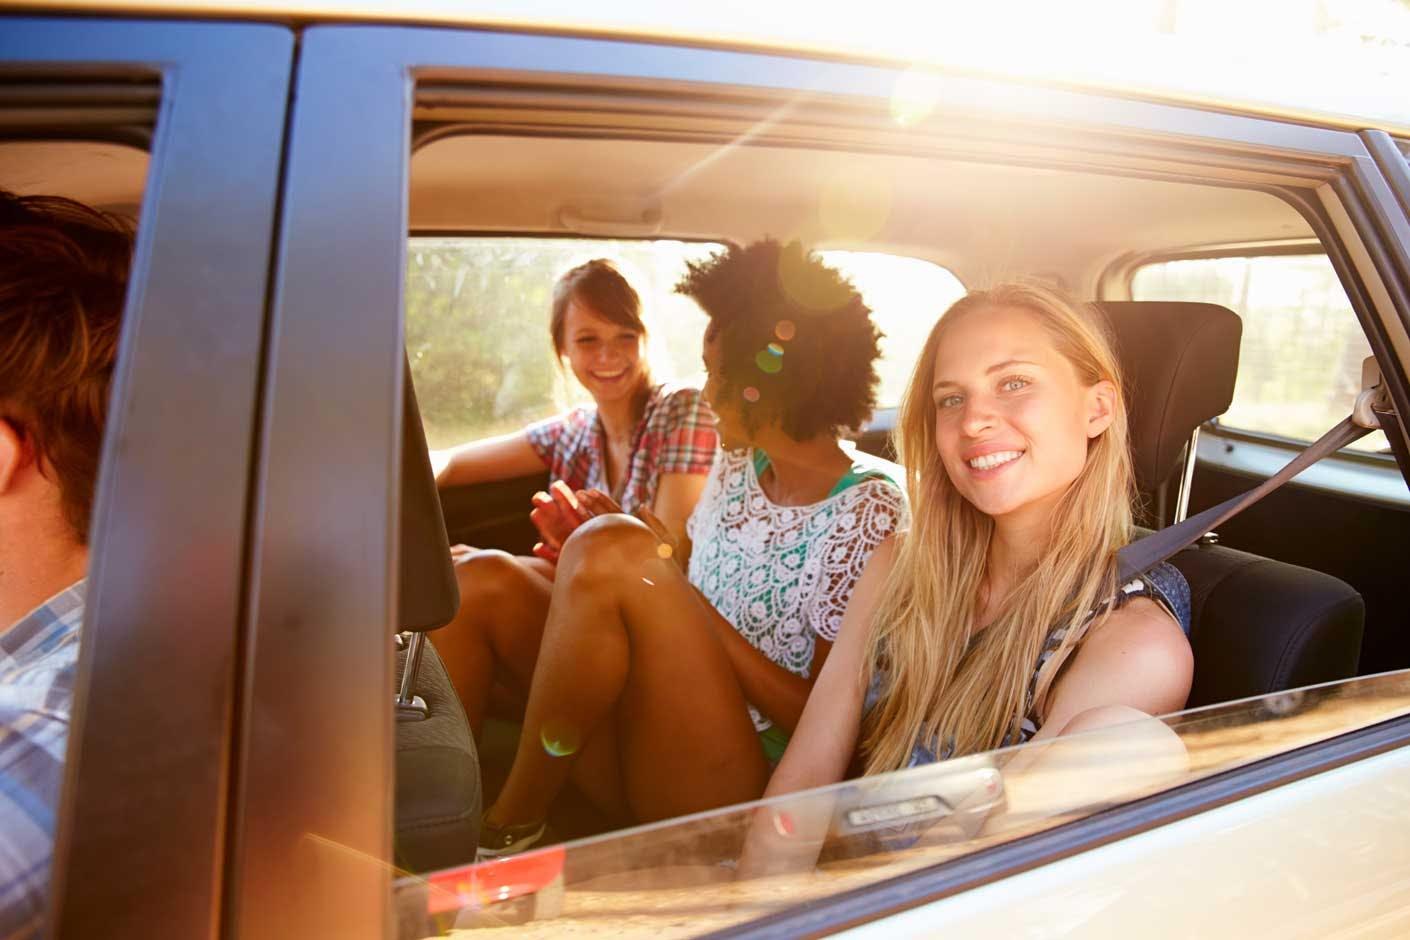 Work and Travel: Auto vorher mieten